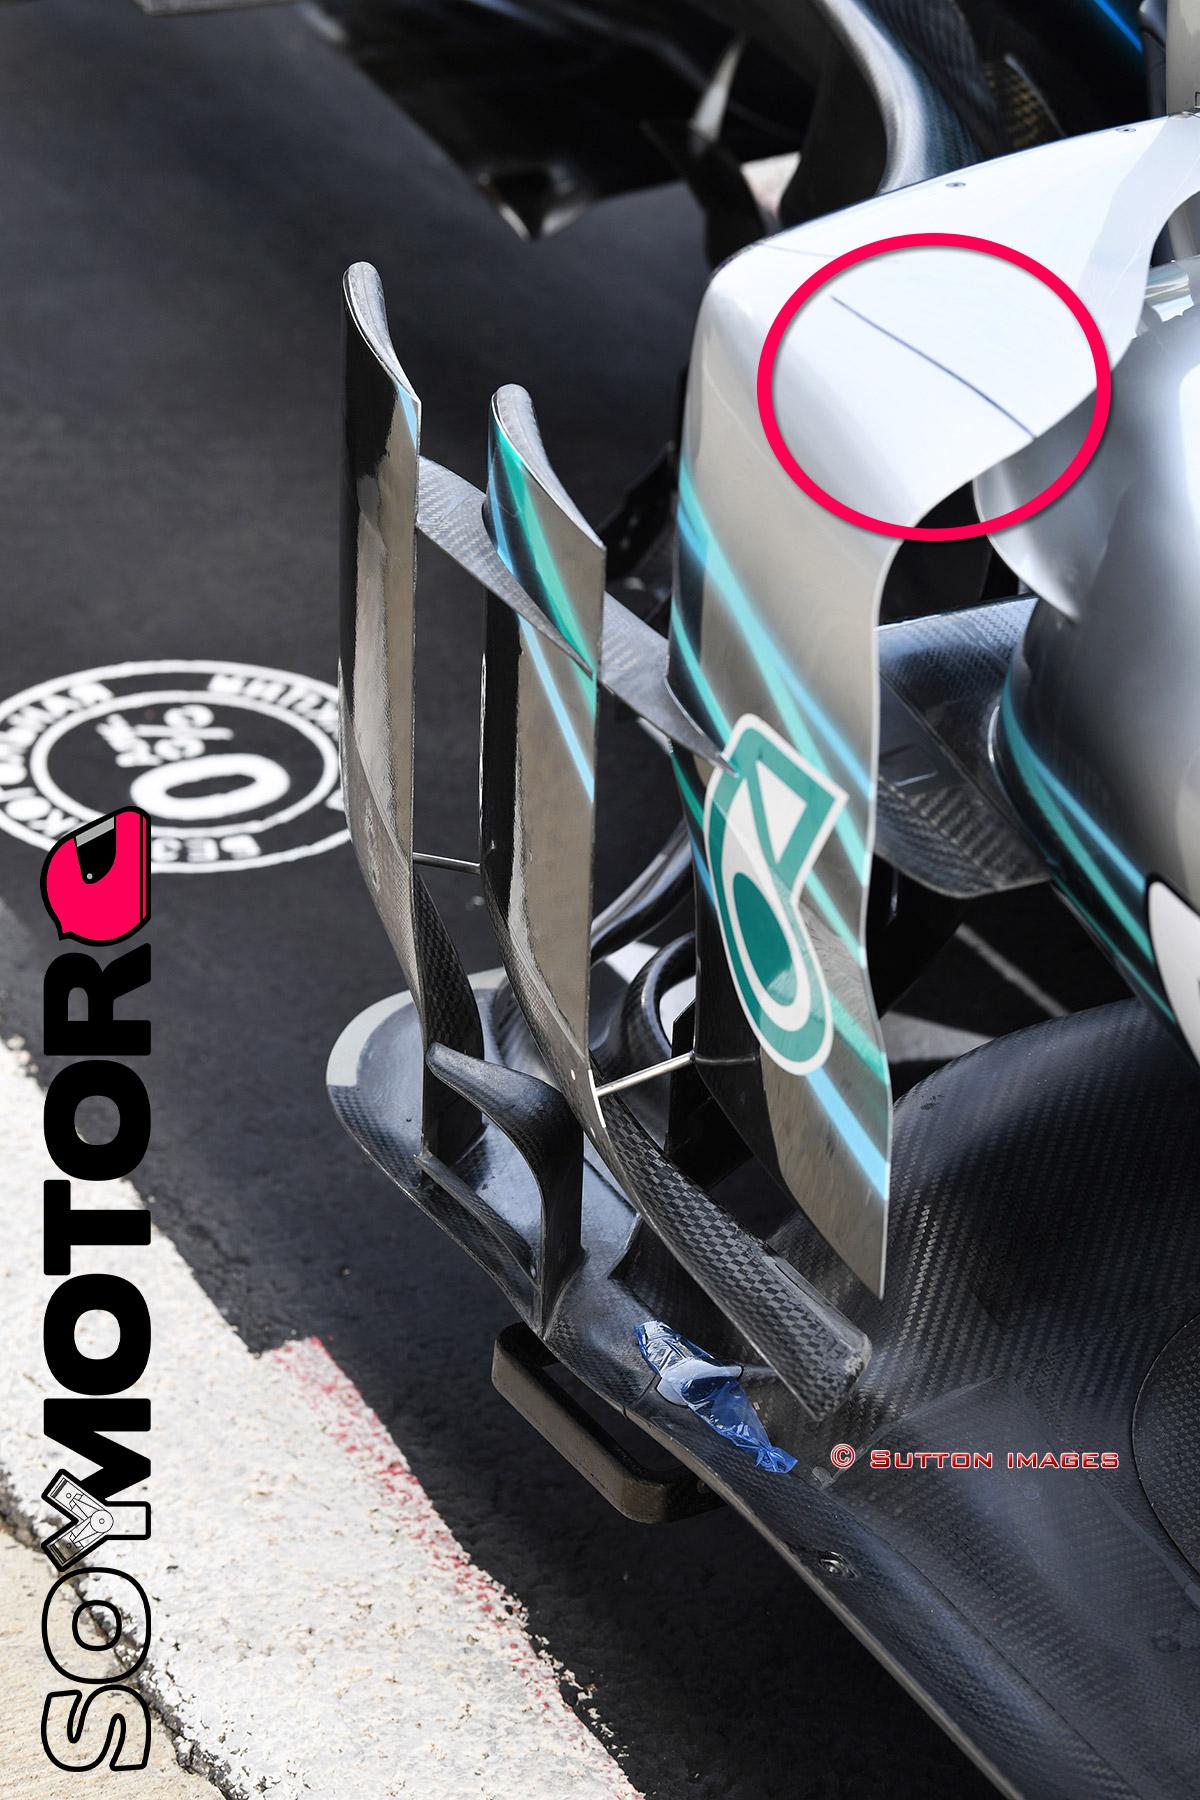 mercedes-corte-en-acelerador-de-flujo-ponton.jpg